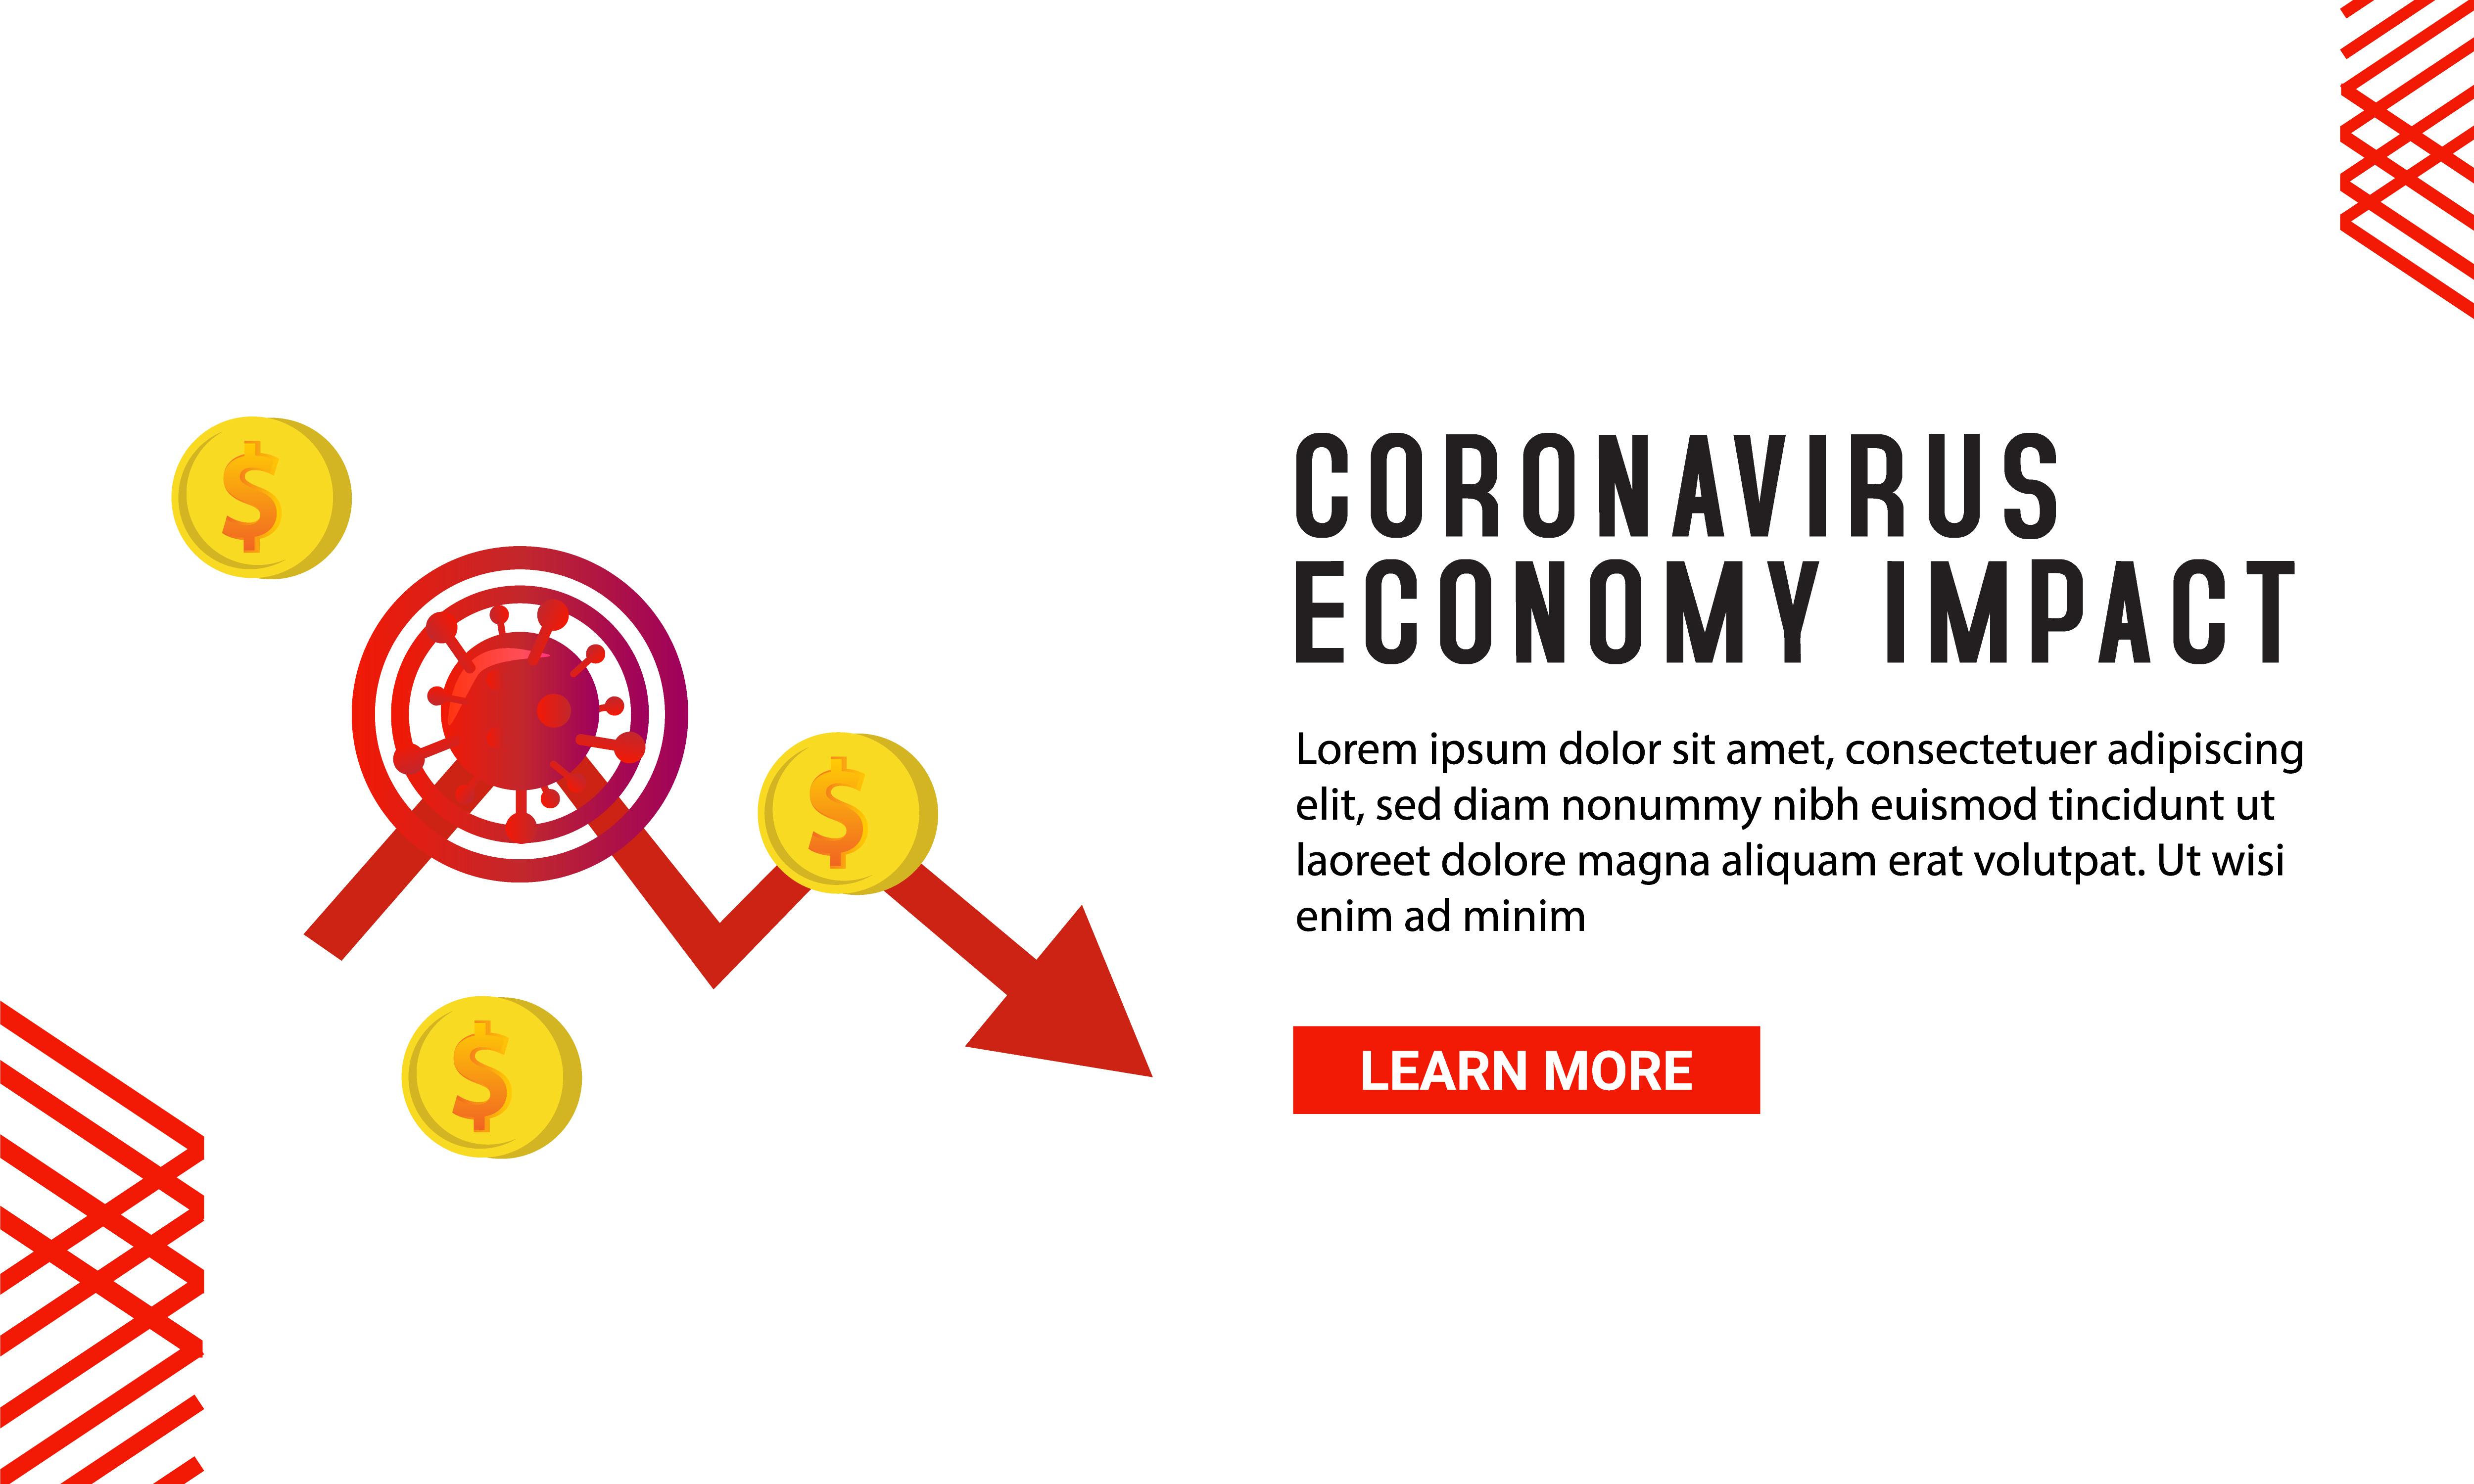 Plantilla De Banner De Impacto Economico De Coronavirus Descargar Vectores Gratis Illustrator Graficos Plantillas Diseno